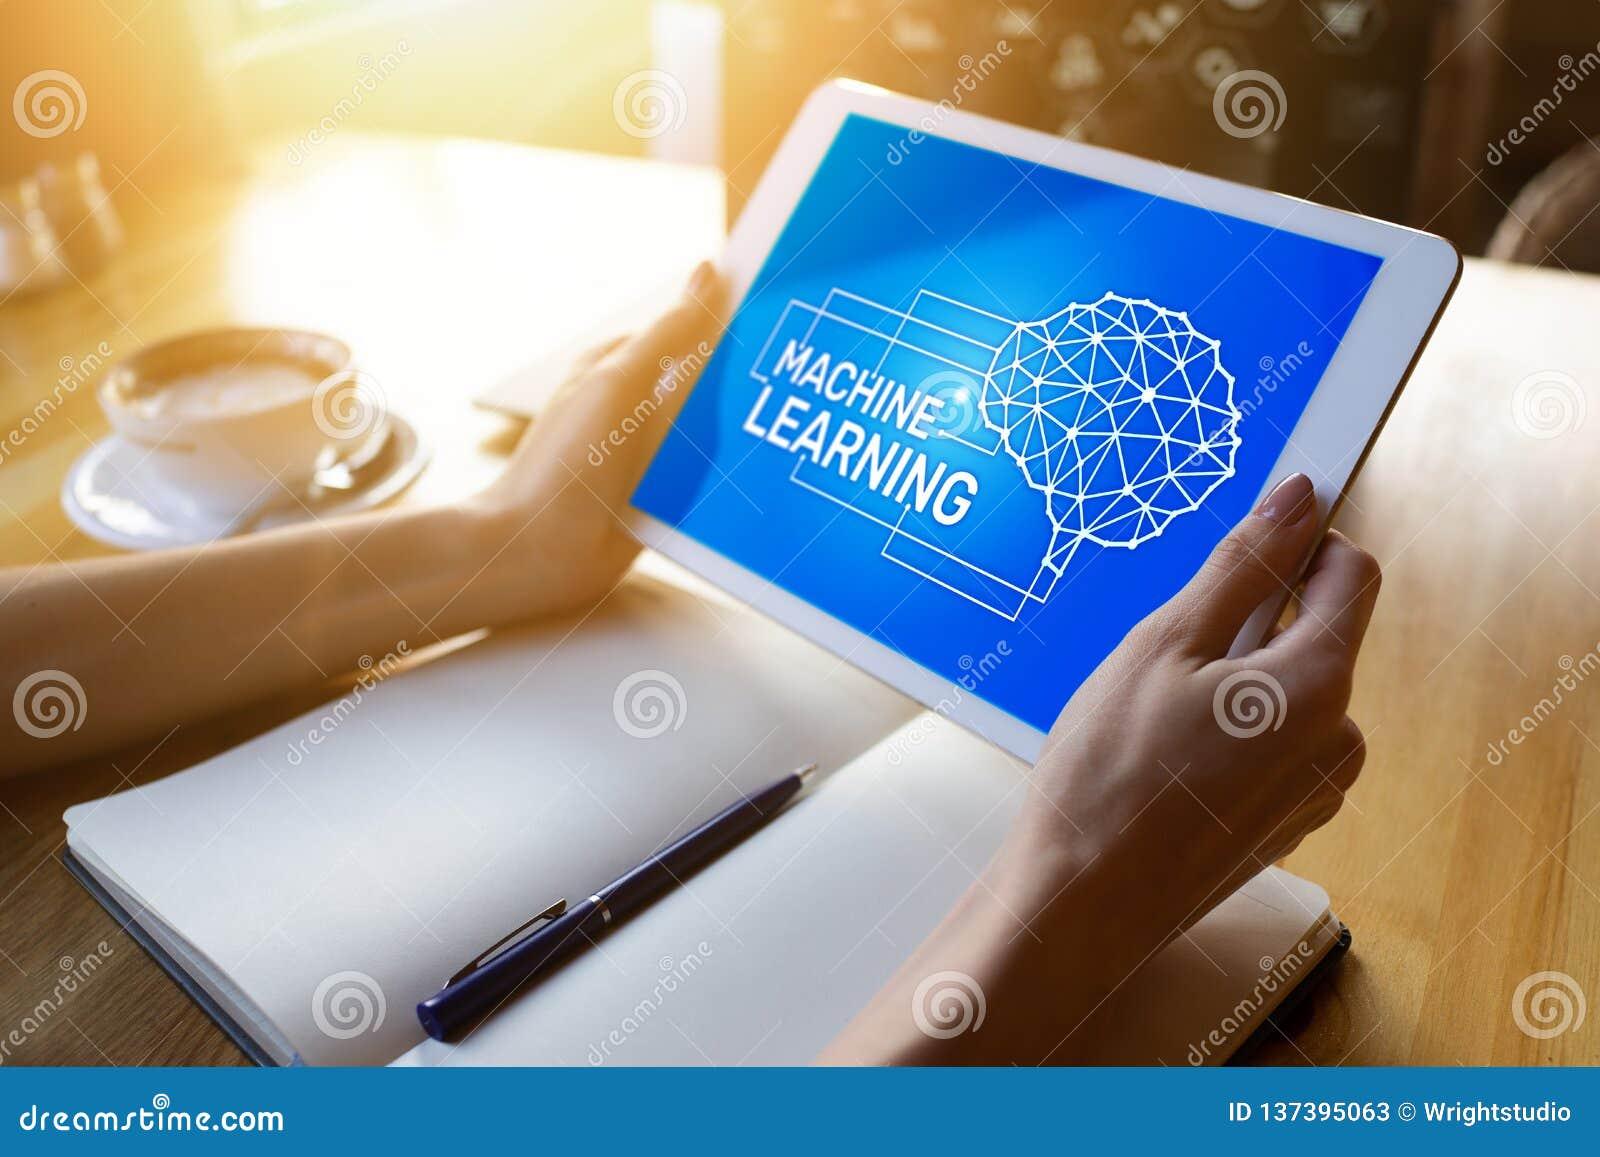 Aprendizaje de máquina, inteligencia artificial y concepto elegante de la tecnología en la pantalla del dispositivo